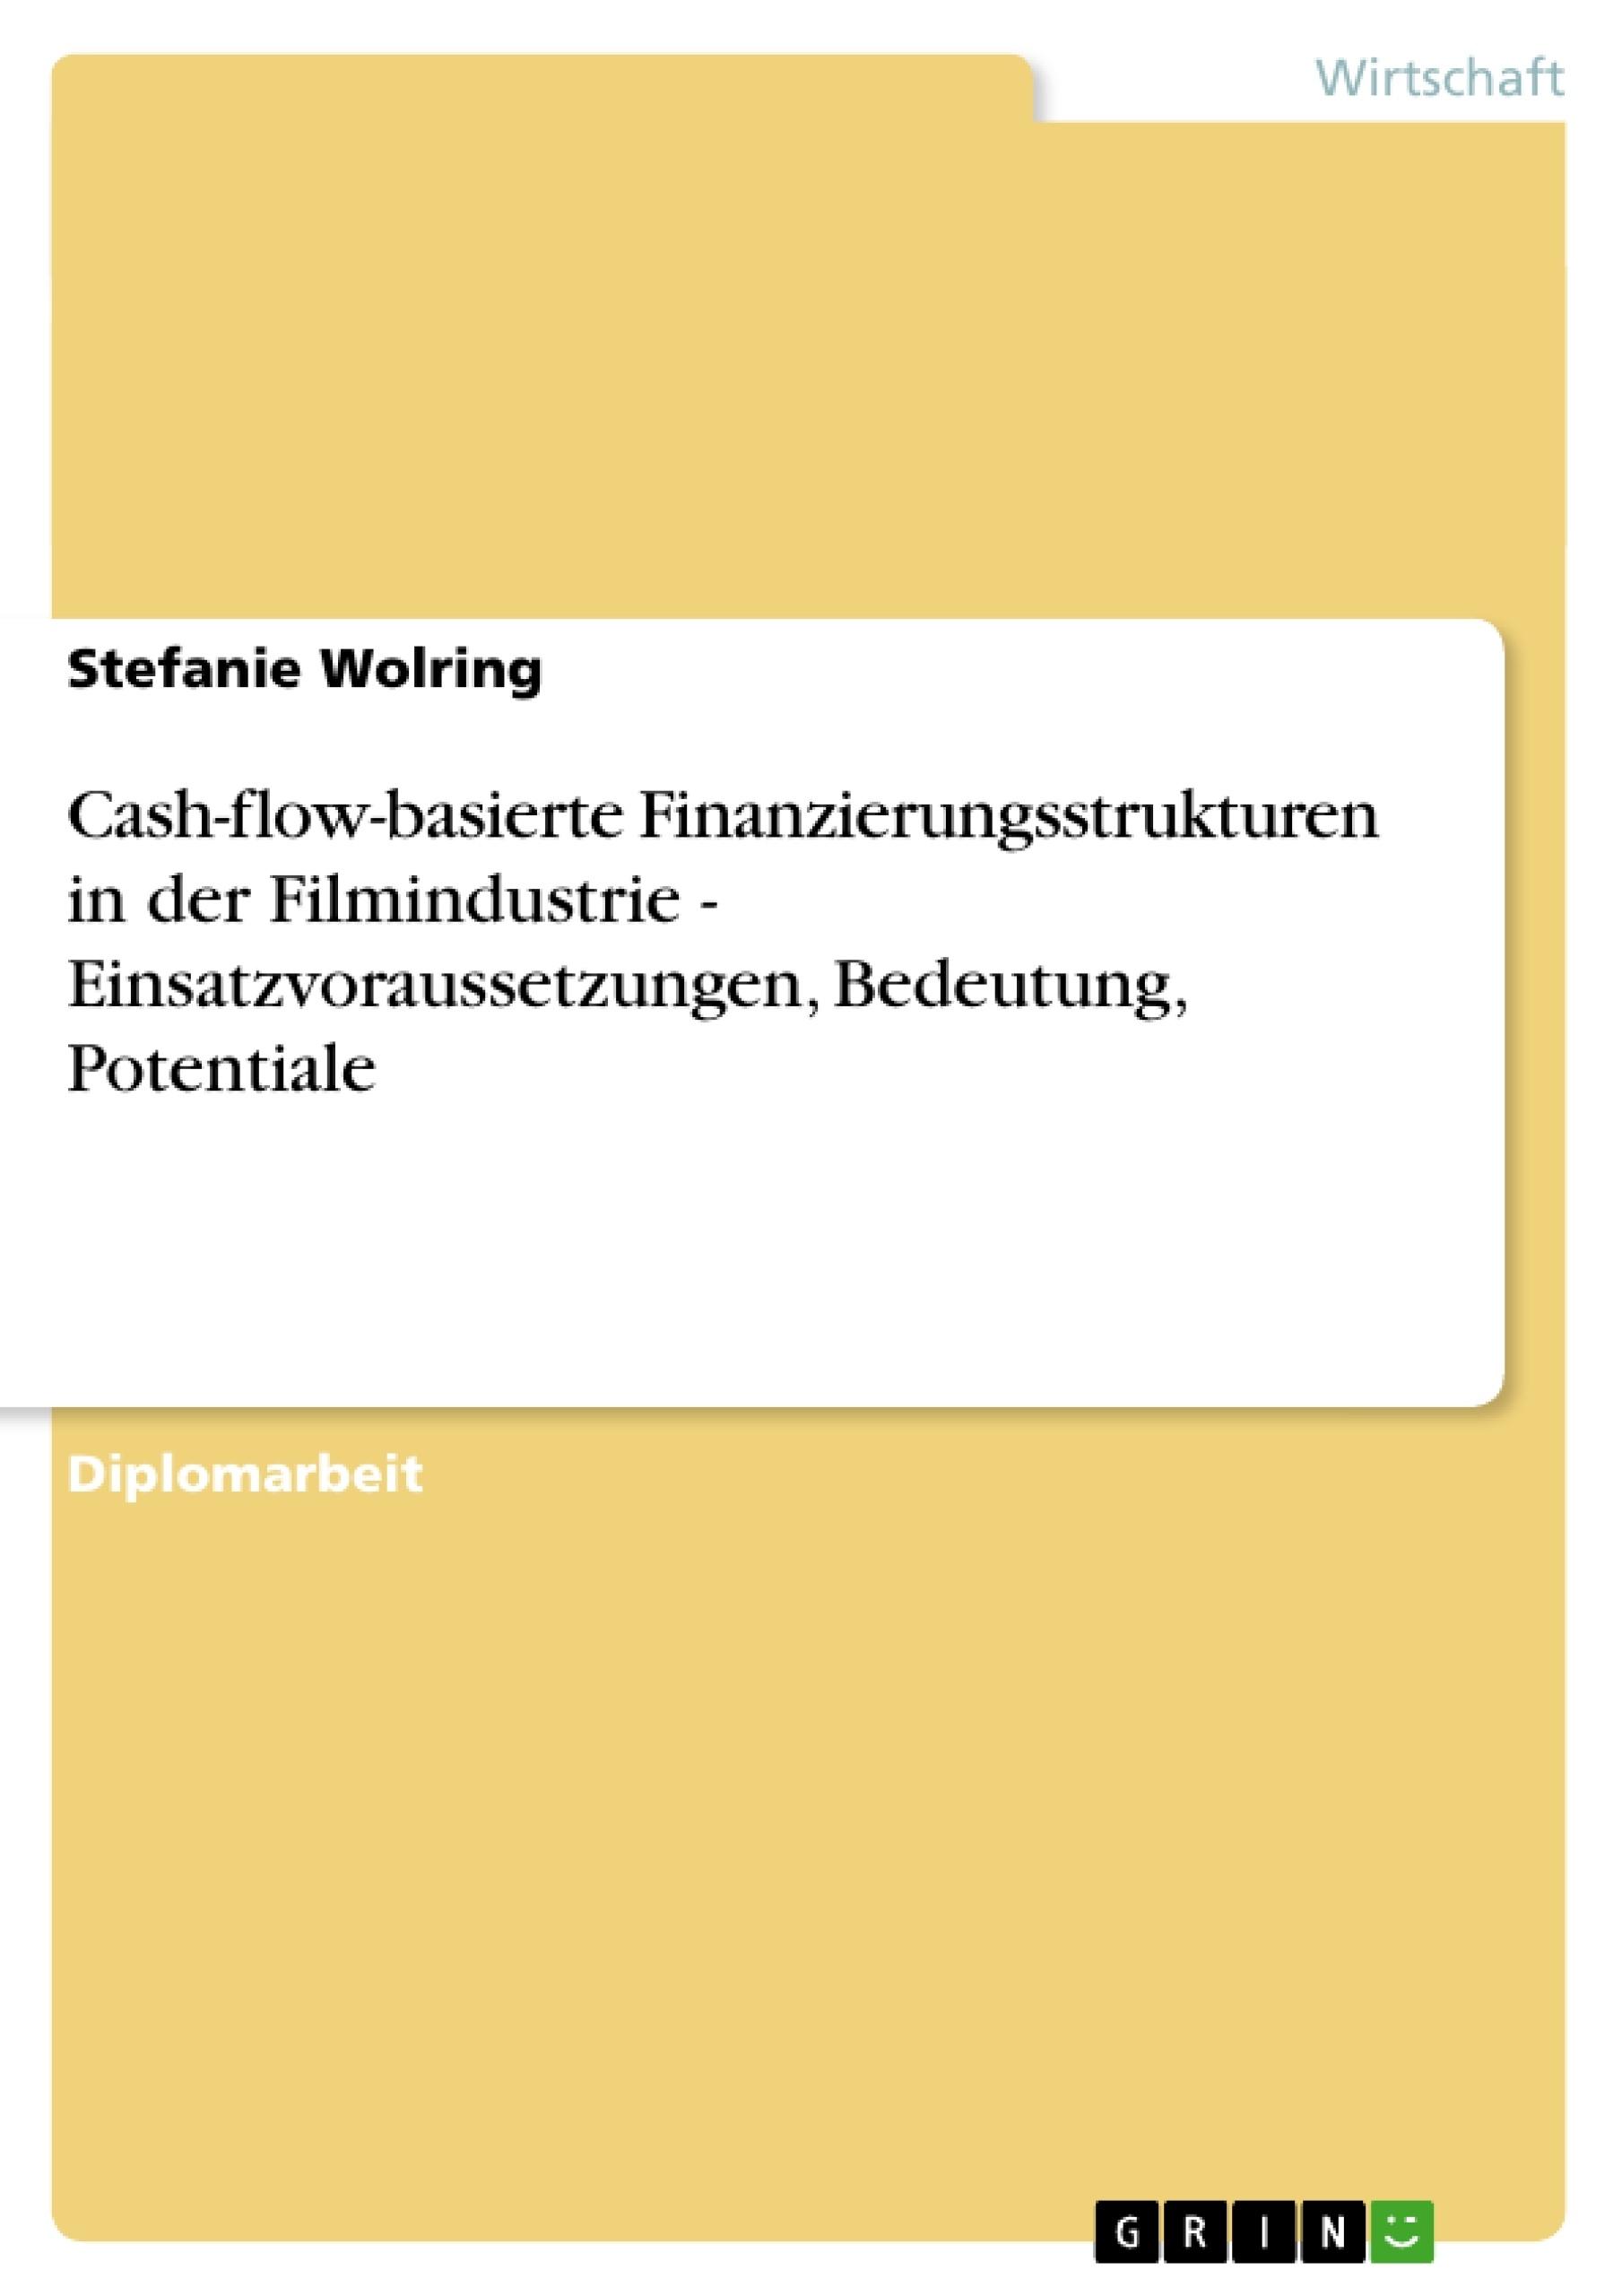 Titel: Cash-flow-basierte Finanzierungsstrukturen in der Filmindustrie - Einsatzvoraussetzungen, Bedeutung, Potentiale